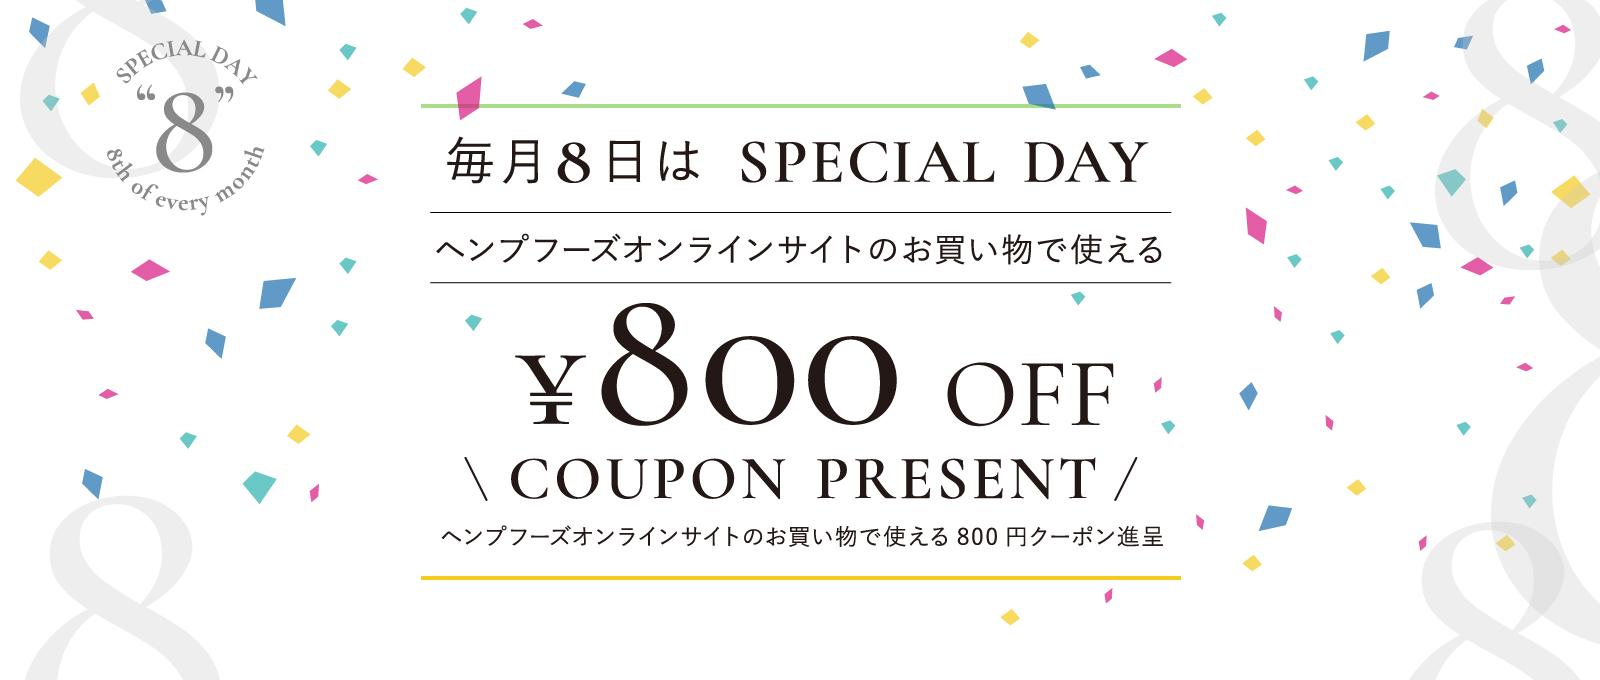 新しいヘンプシードオイルの提案 ヘンプシードオイルプラス80新発売! HEMPSEEDOIL+80MG